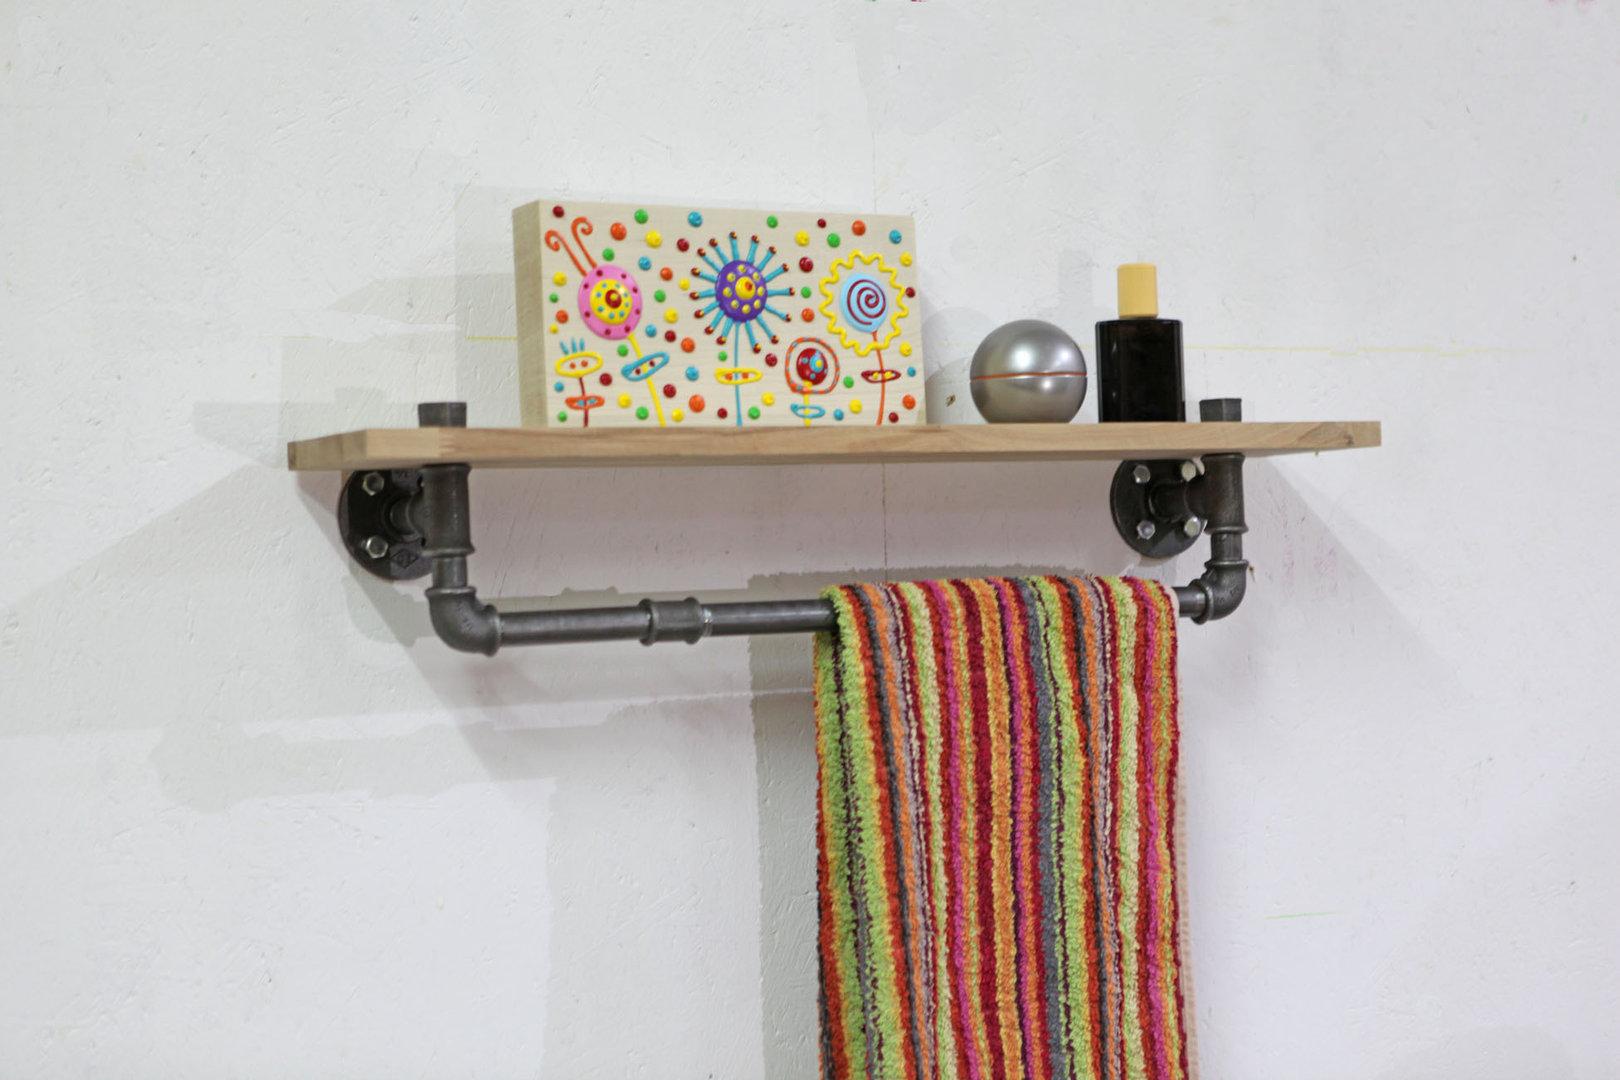 Full Size of Handtuchhalter Küche Ohne Bohren Handtuchhalter Küche Mit Vorhang Teleskop Handtuchhalter Küche Handtuchhalter Küche Heizkörper Küche Handtuchhalter Küche